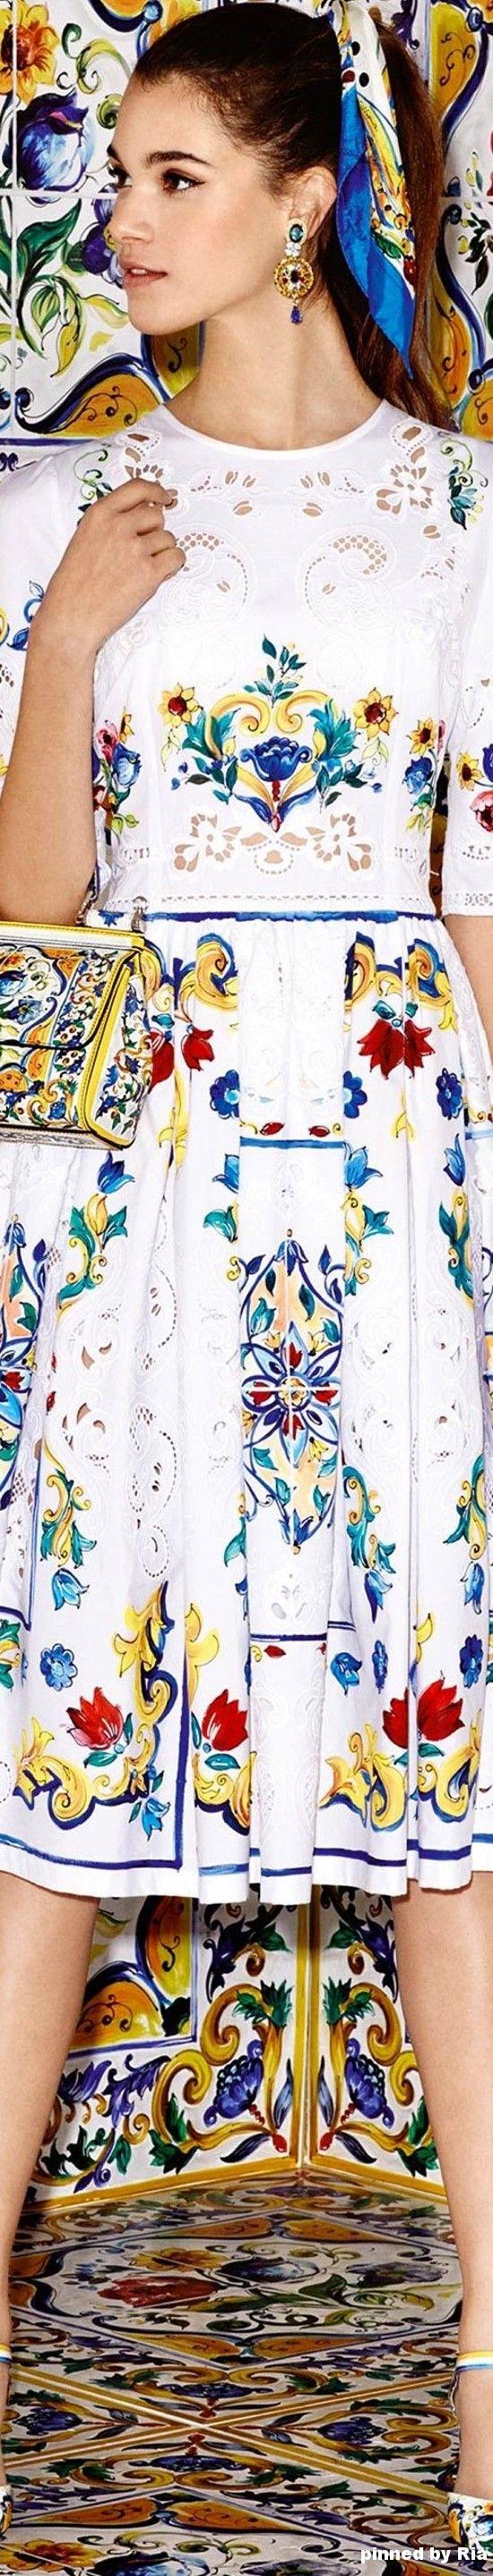 Dolce & Gabbana Majolica Collection - FW 2016-17 l Ria                                                                                                                                                     More